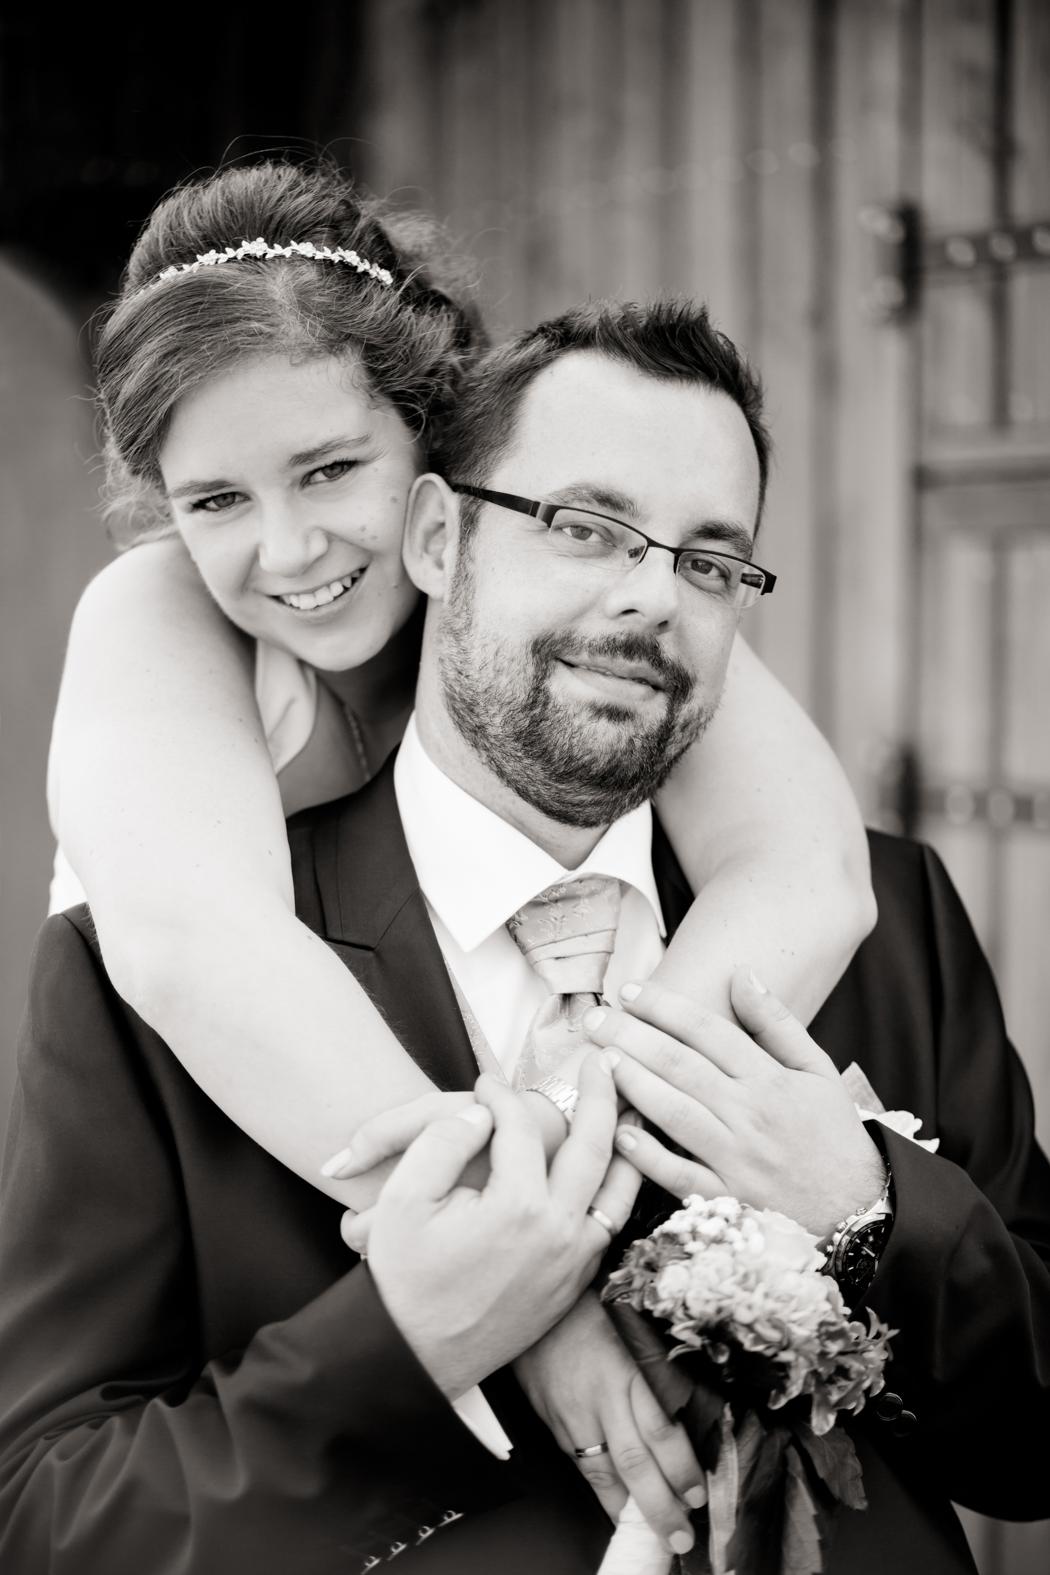 Hochzeitsfotos-Saalfeld-Voigtlaender-Zeuner (20)